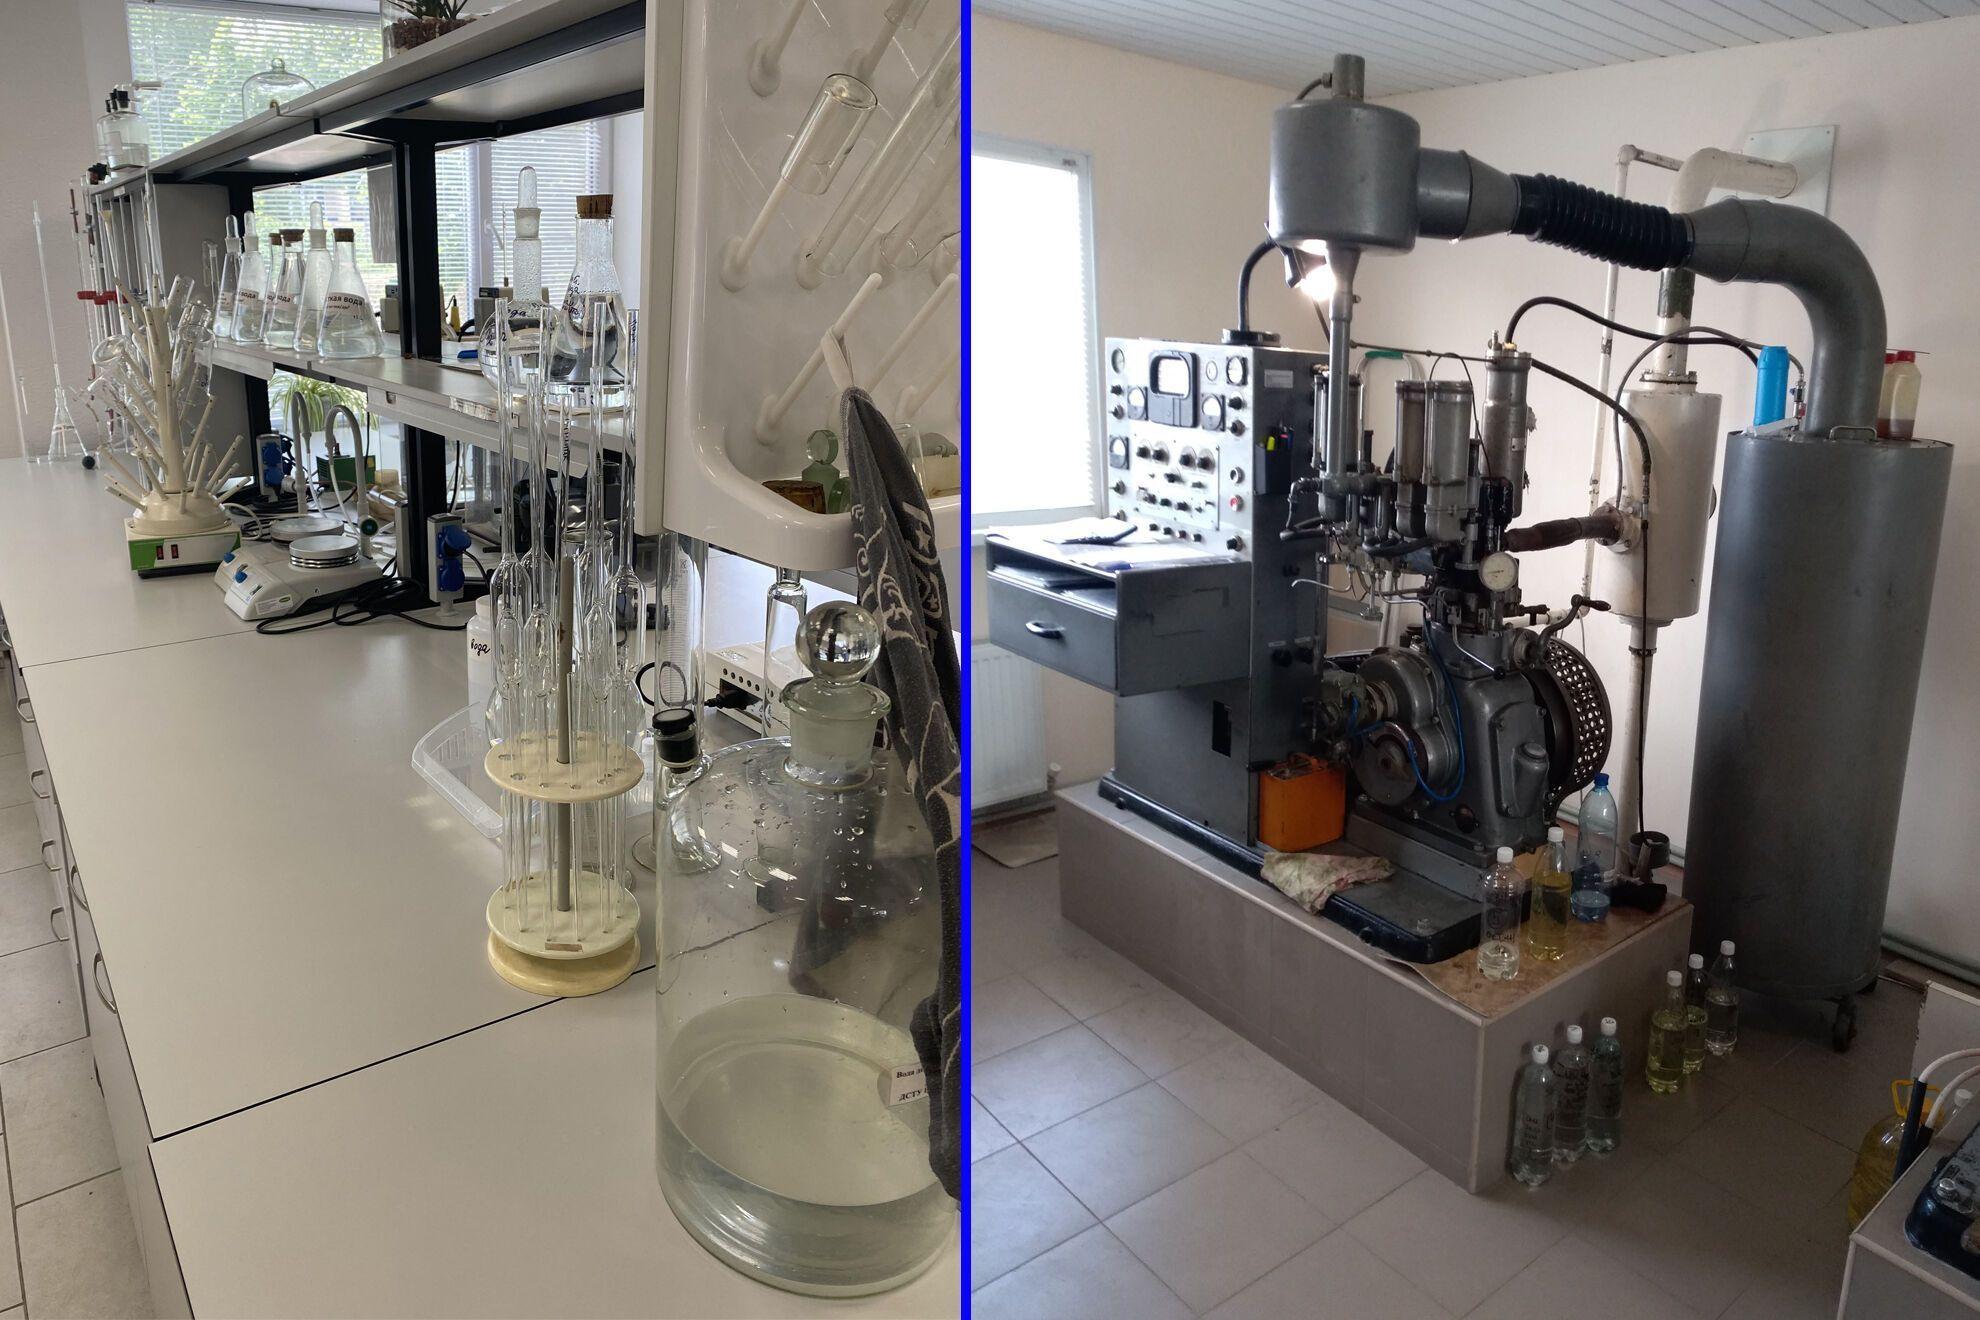 У лабораторії всі зразки пройшли перевірку по 5 параметрам: цетановий індекс, фракційний склад, температура спалаху в закритому тиглі, вміст сірки та щільність